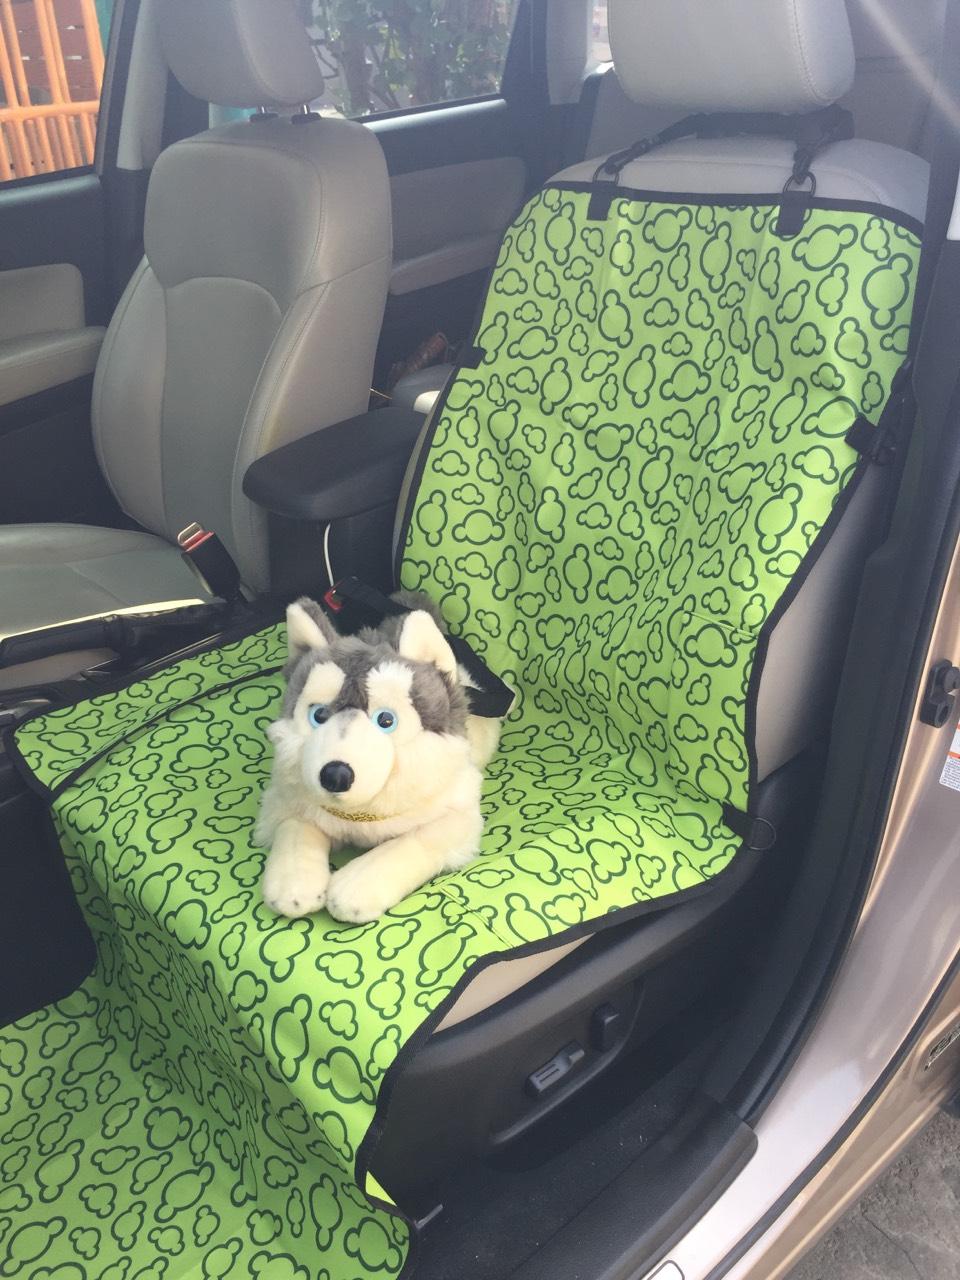 ผ้ารองเบาะรถยนต์สำหรับสุนัข ด้านหน้า ปูเต็ม สีเขียวลายเมฆ